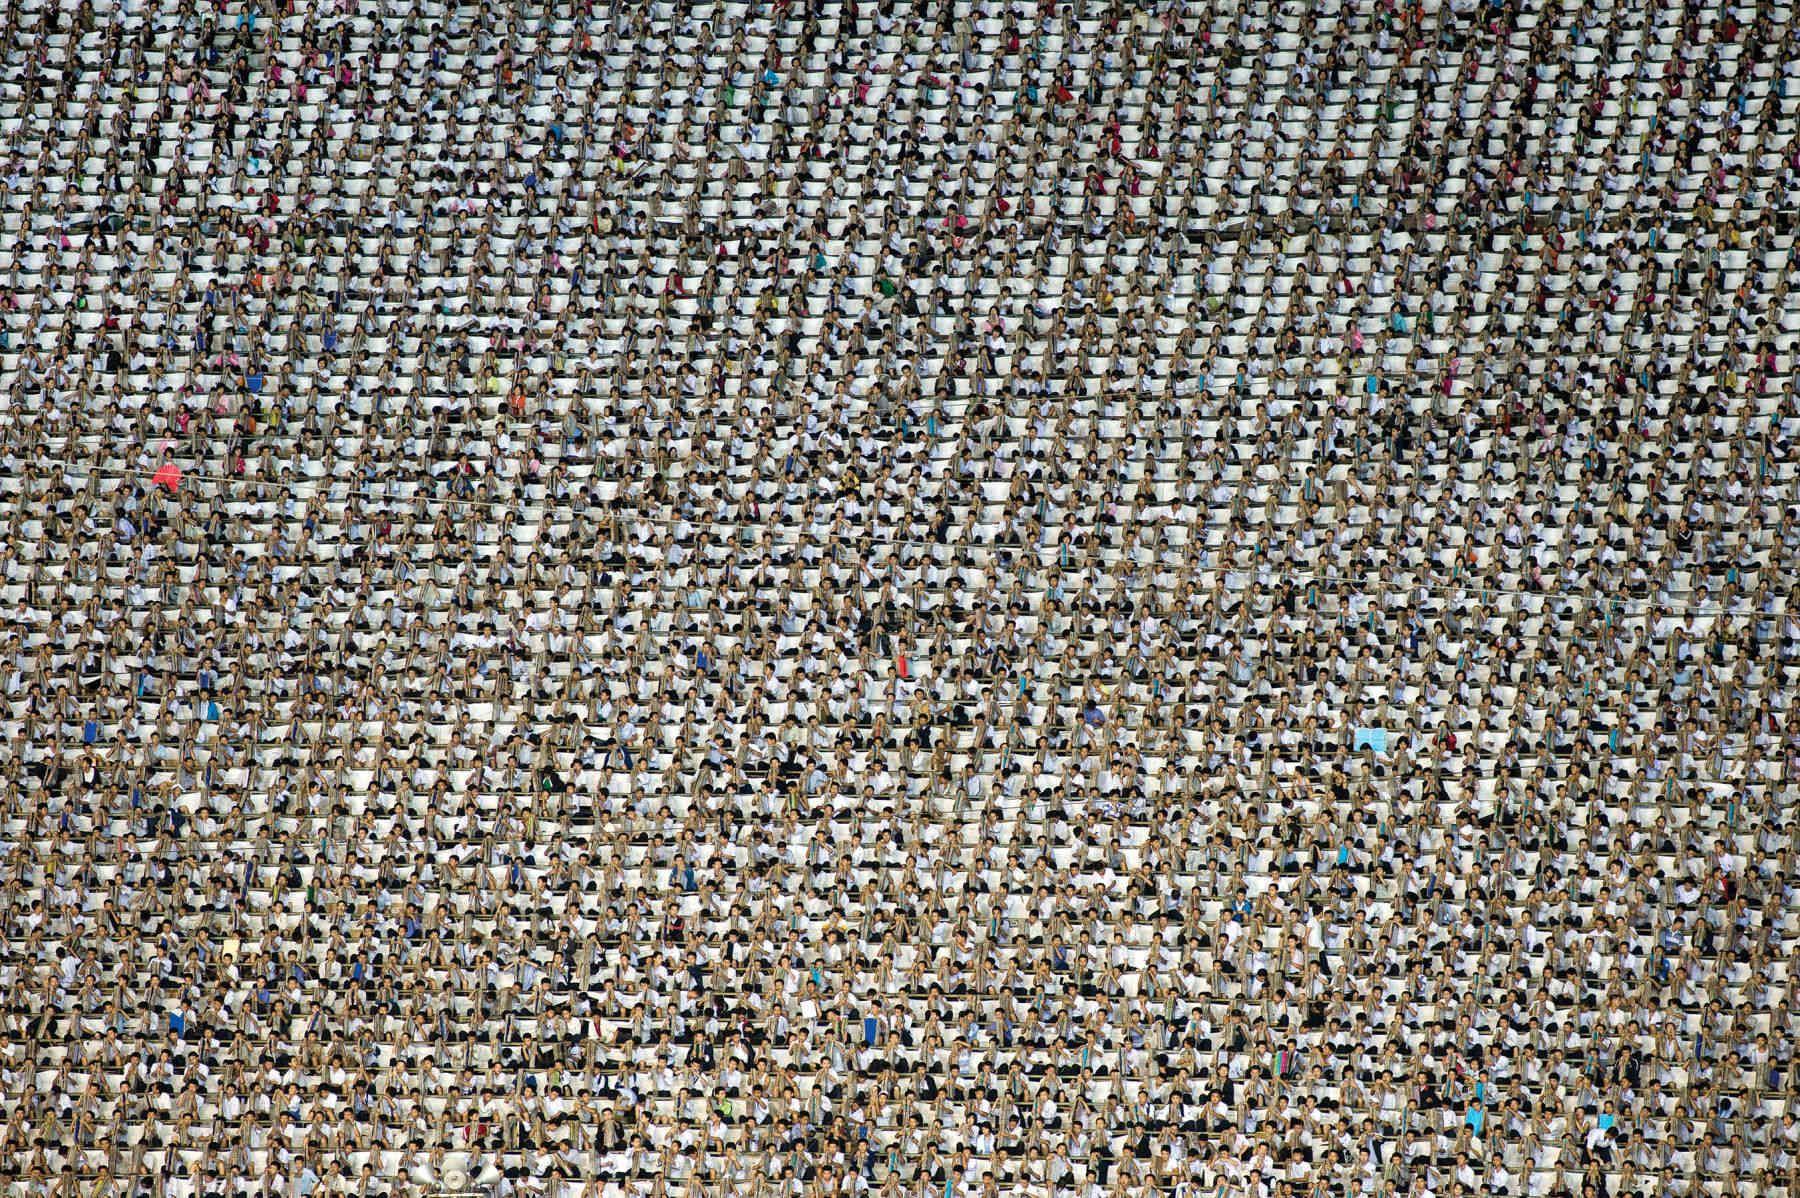 1dprk_pyongyang_arirang_2010_6948_1800px.jpg